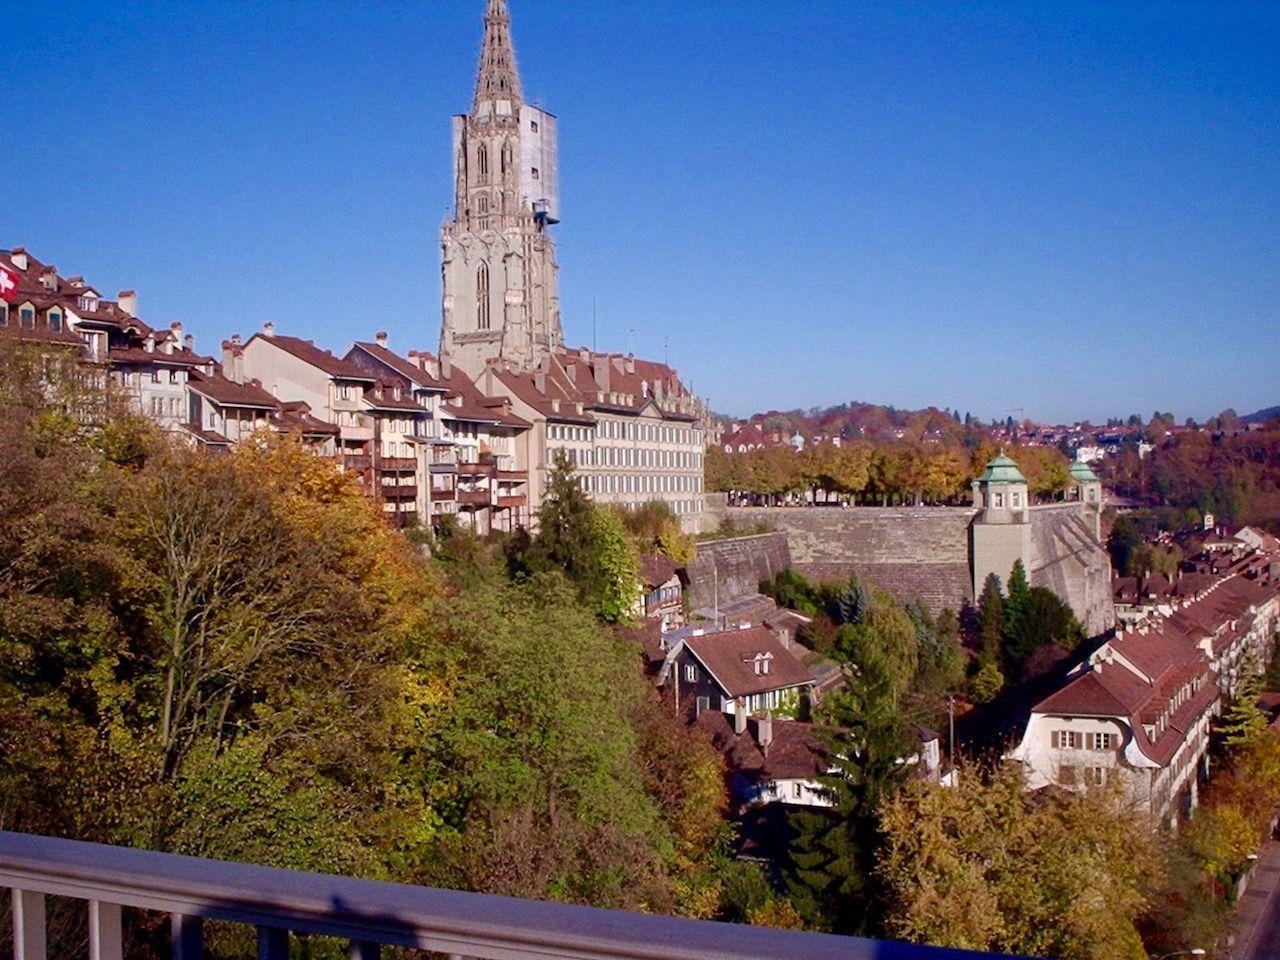 Vista de la Catedral de Berna